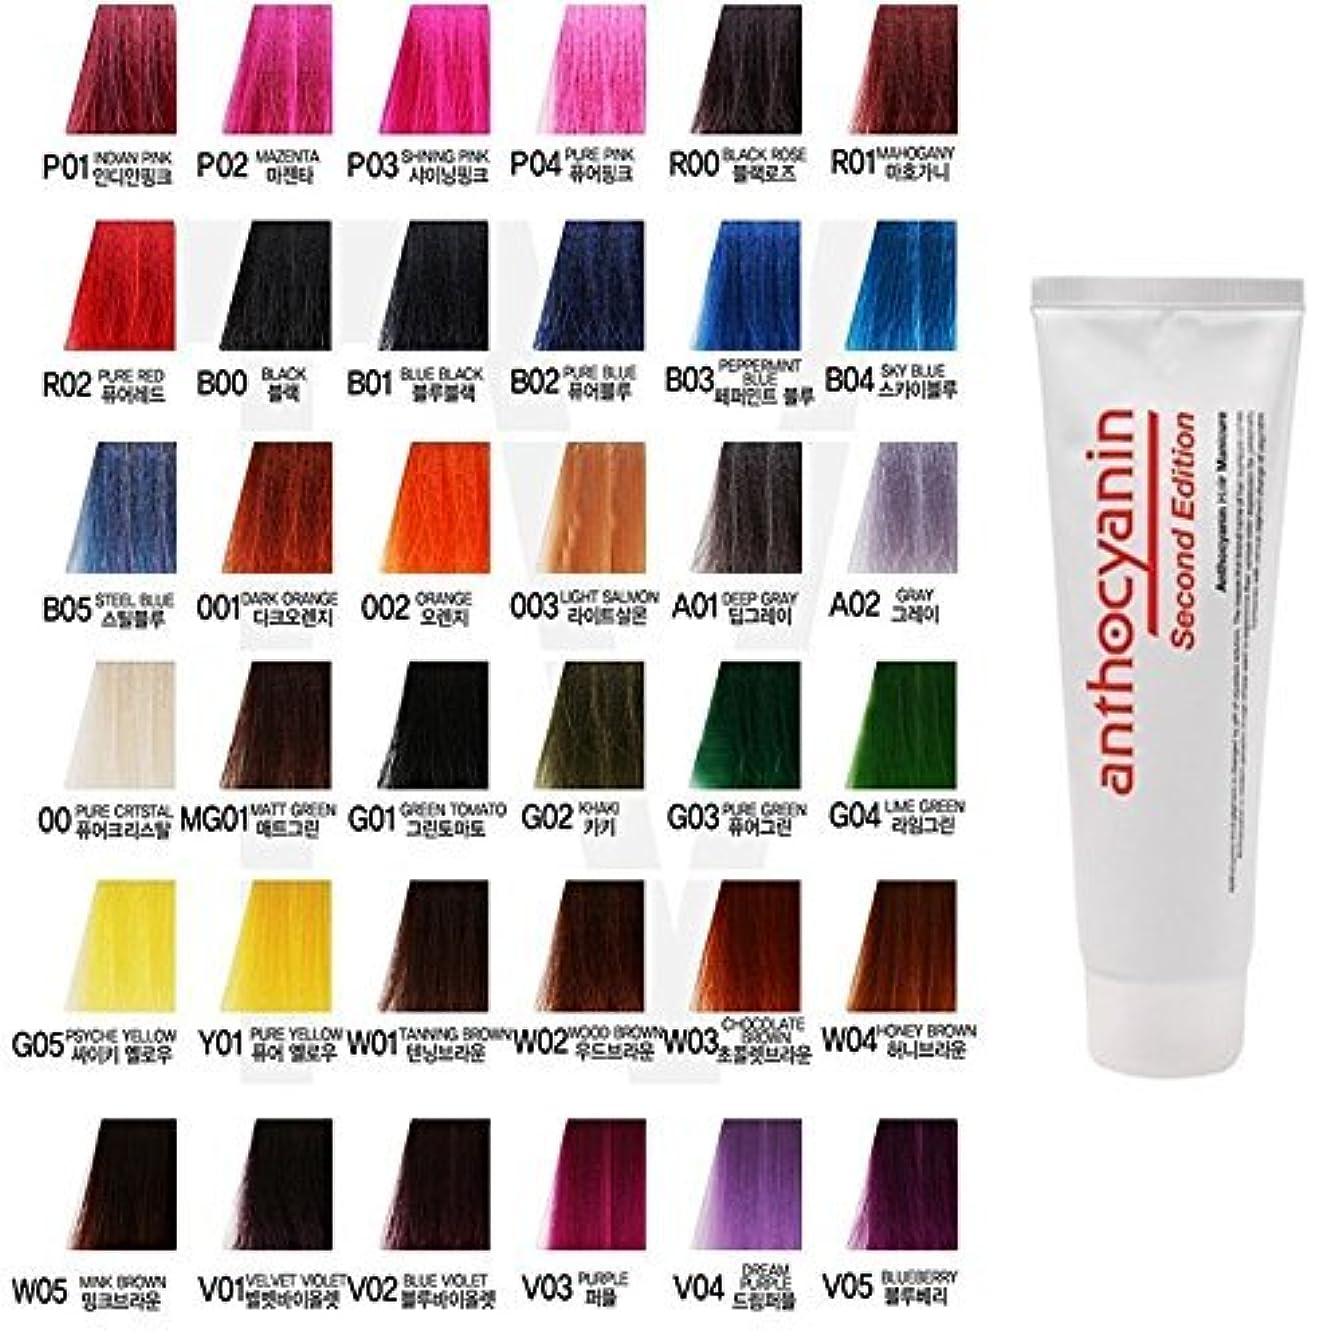 シフト優しいふけるヘア マニキュア カラー セカンド エディション 230g セミ パーマネント 染毛剤 ( Hair Manicure Color Second Edition 230g Semi Permanent Hair Dye) [並行輸入品] (O02 Orange)